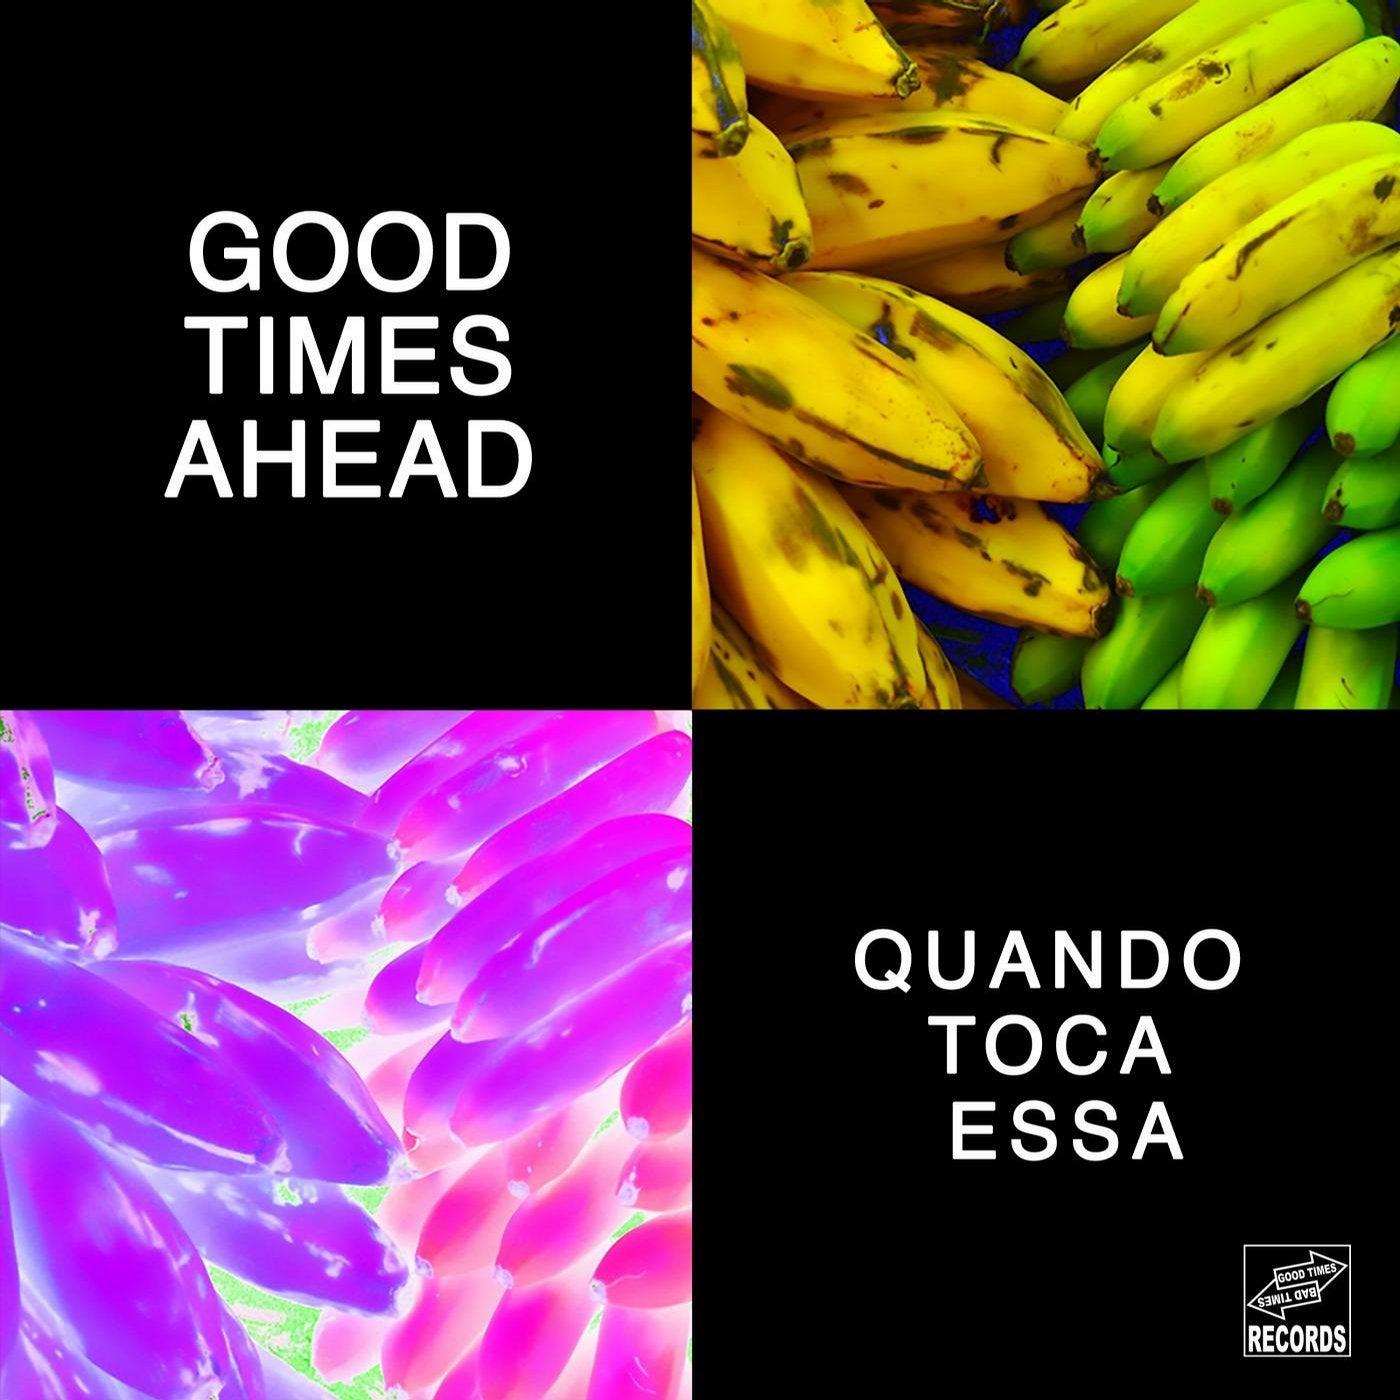 Quando Toca Essa (Original Mix)